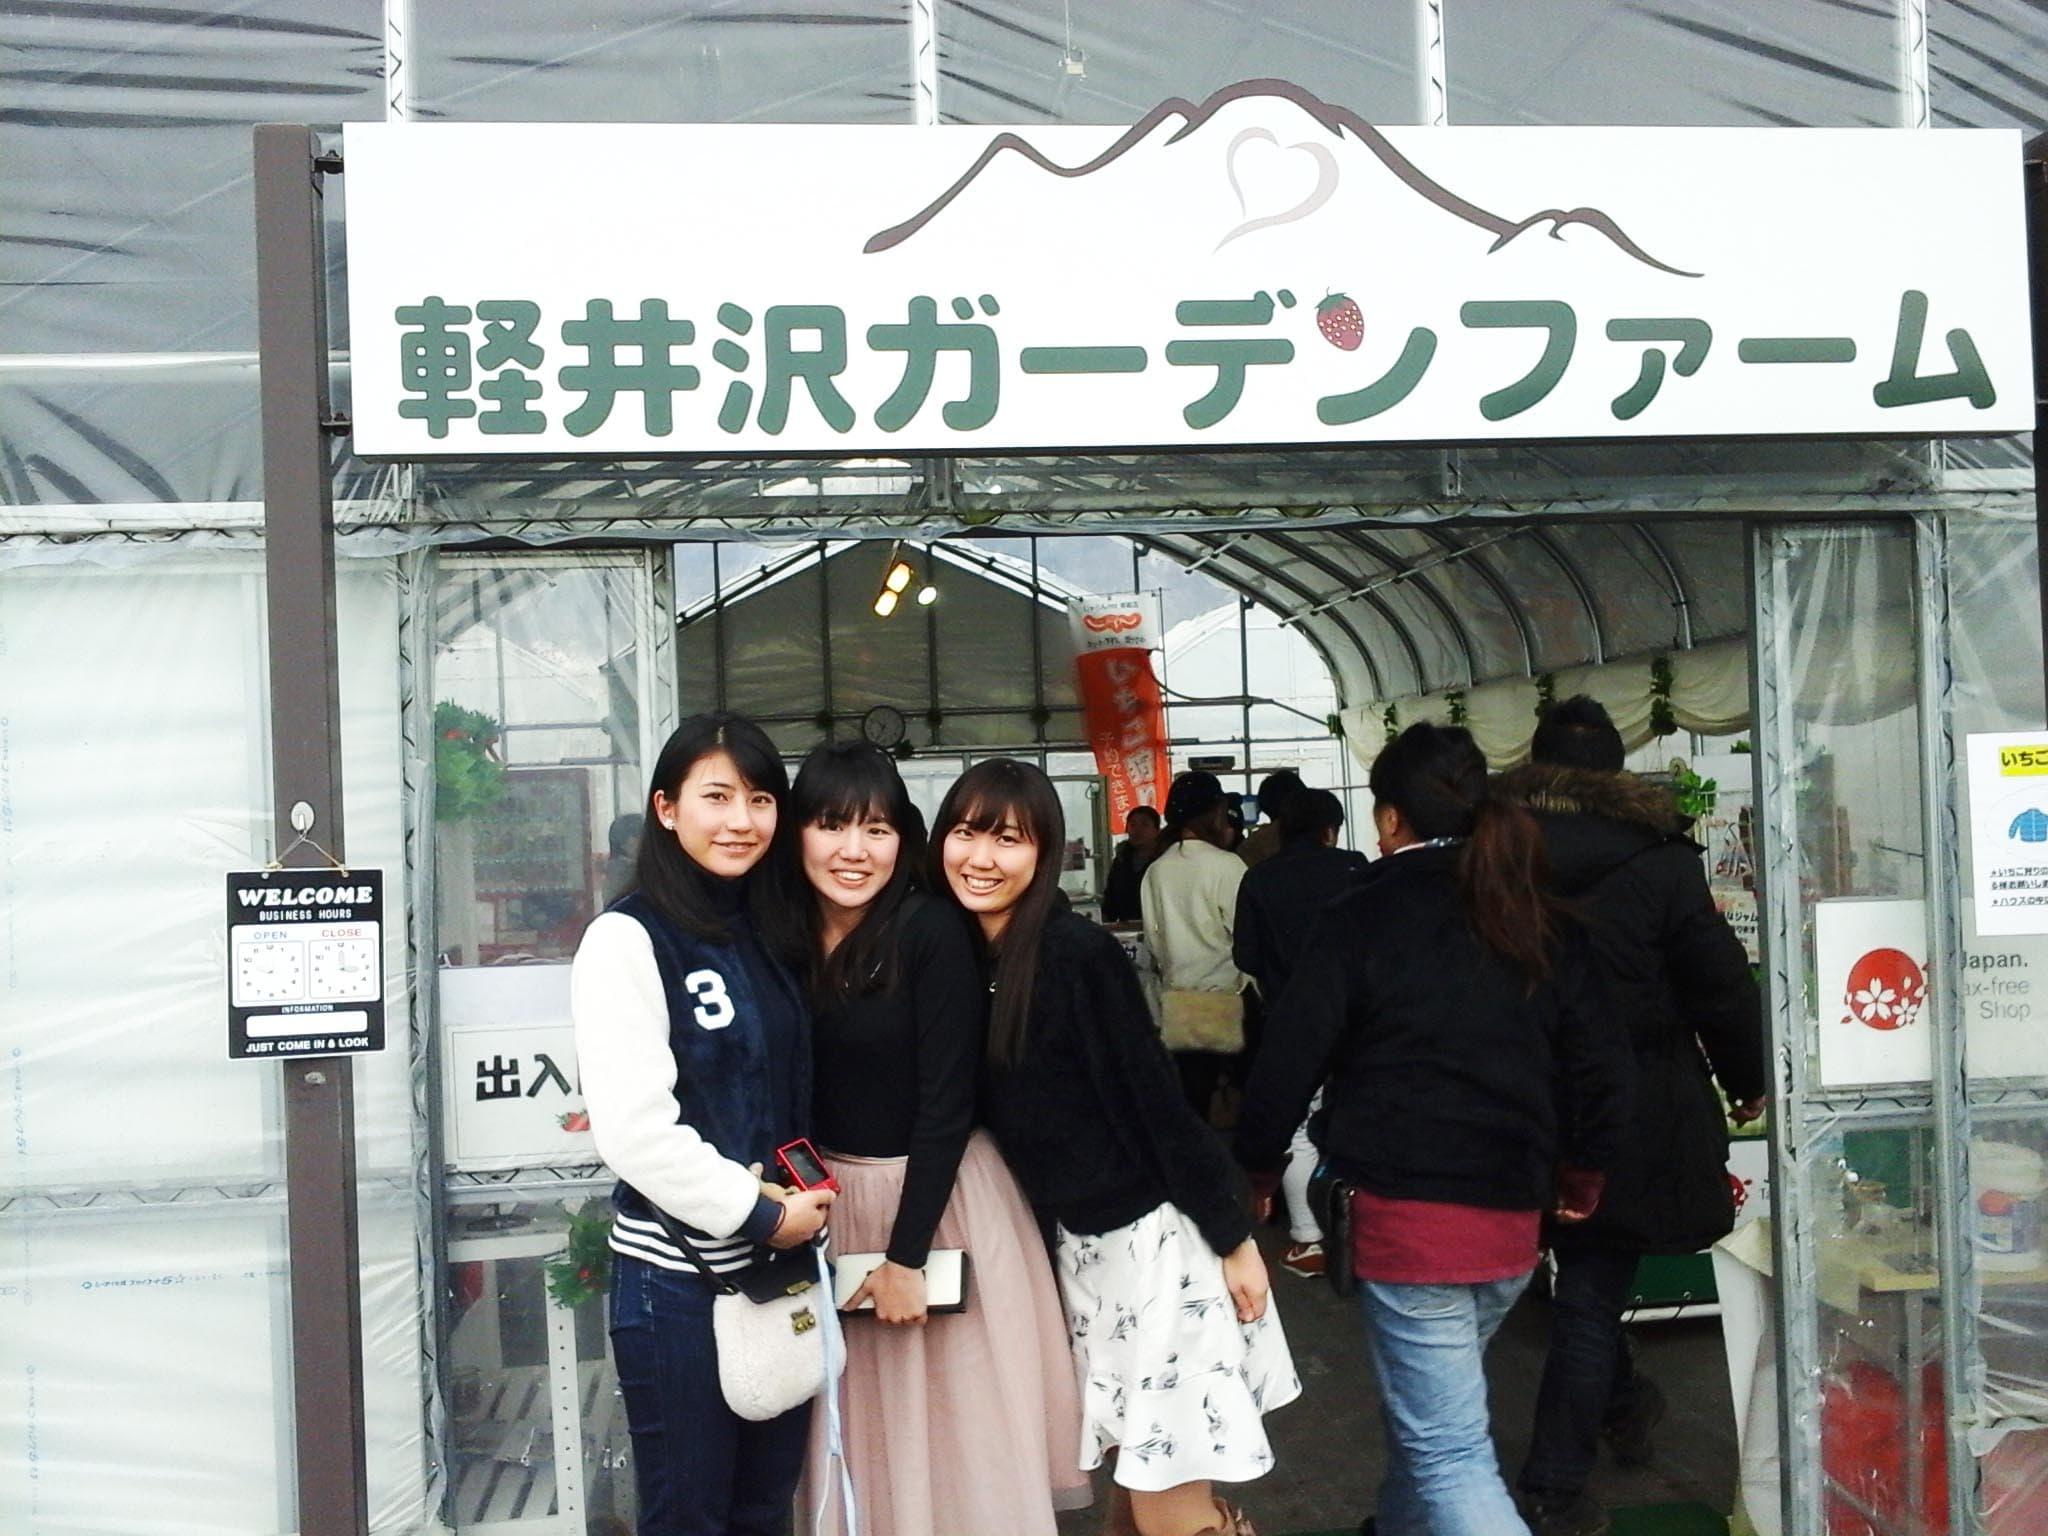 軽井沢 いちご狩り